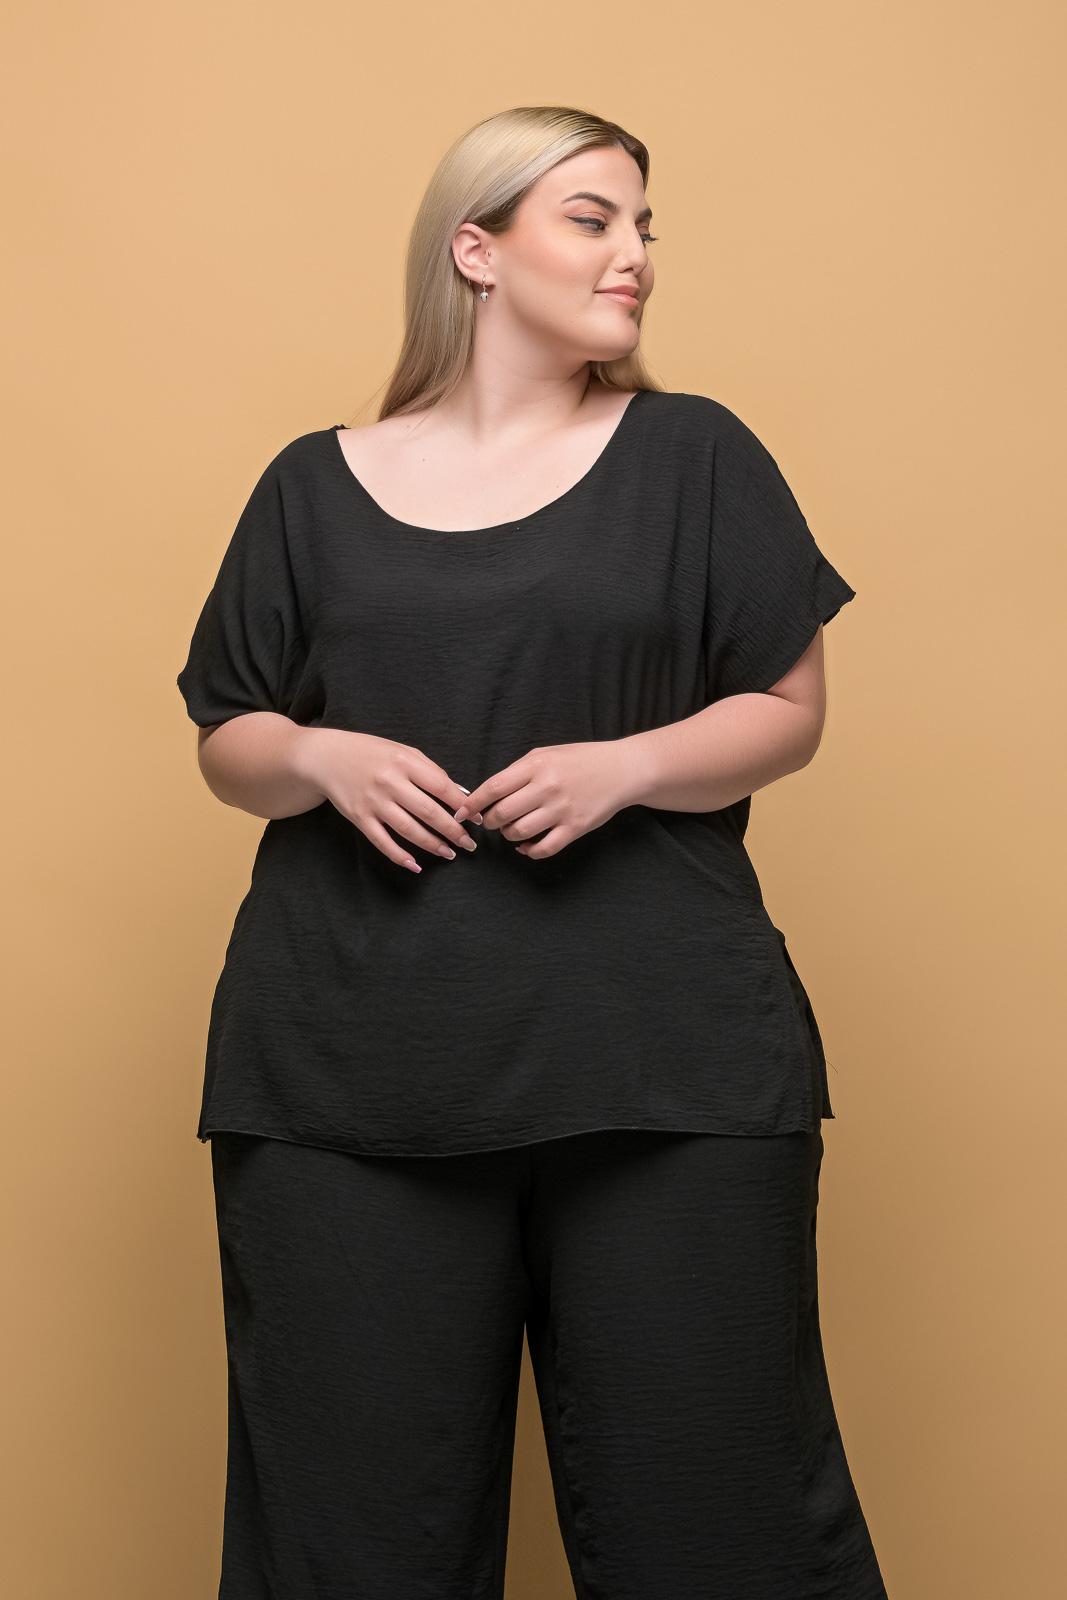 Μπλούζα ανάλαφρη μαύρη με λαιμόκοψη